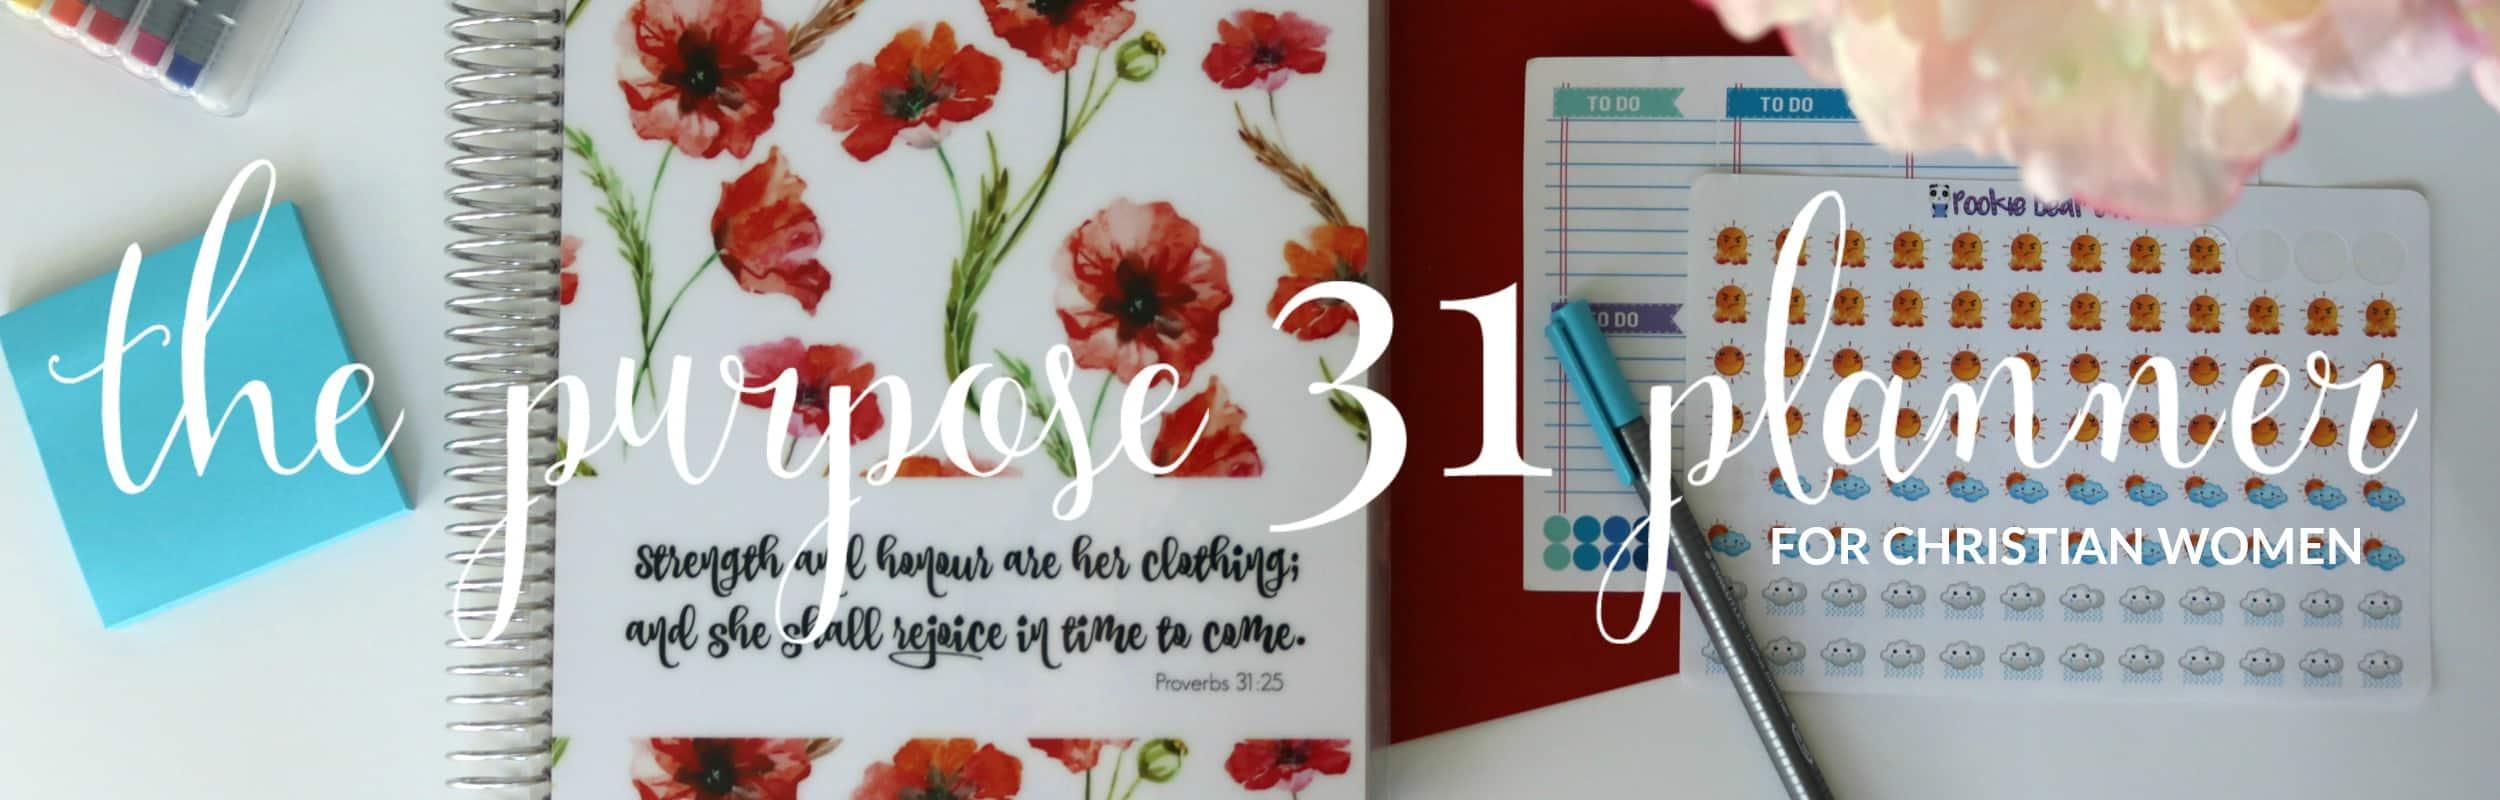 Purpose 31 Planner_2500x800e